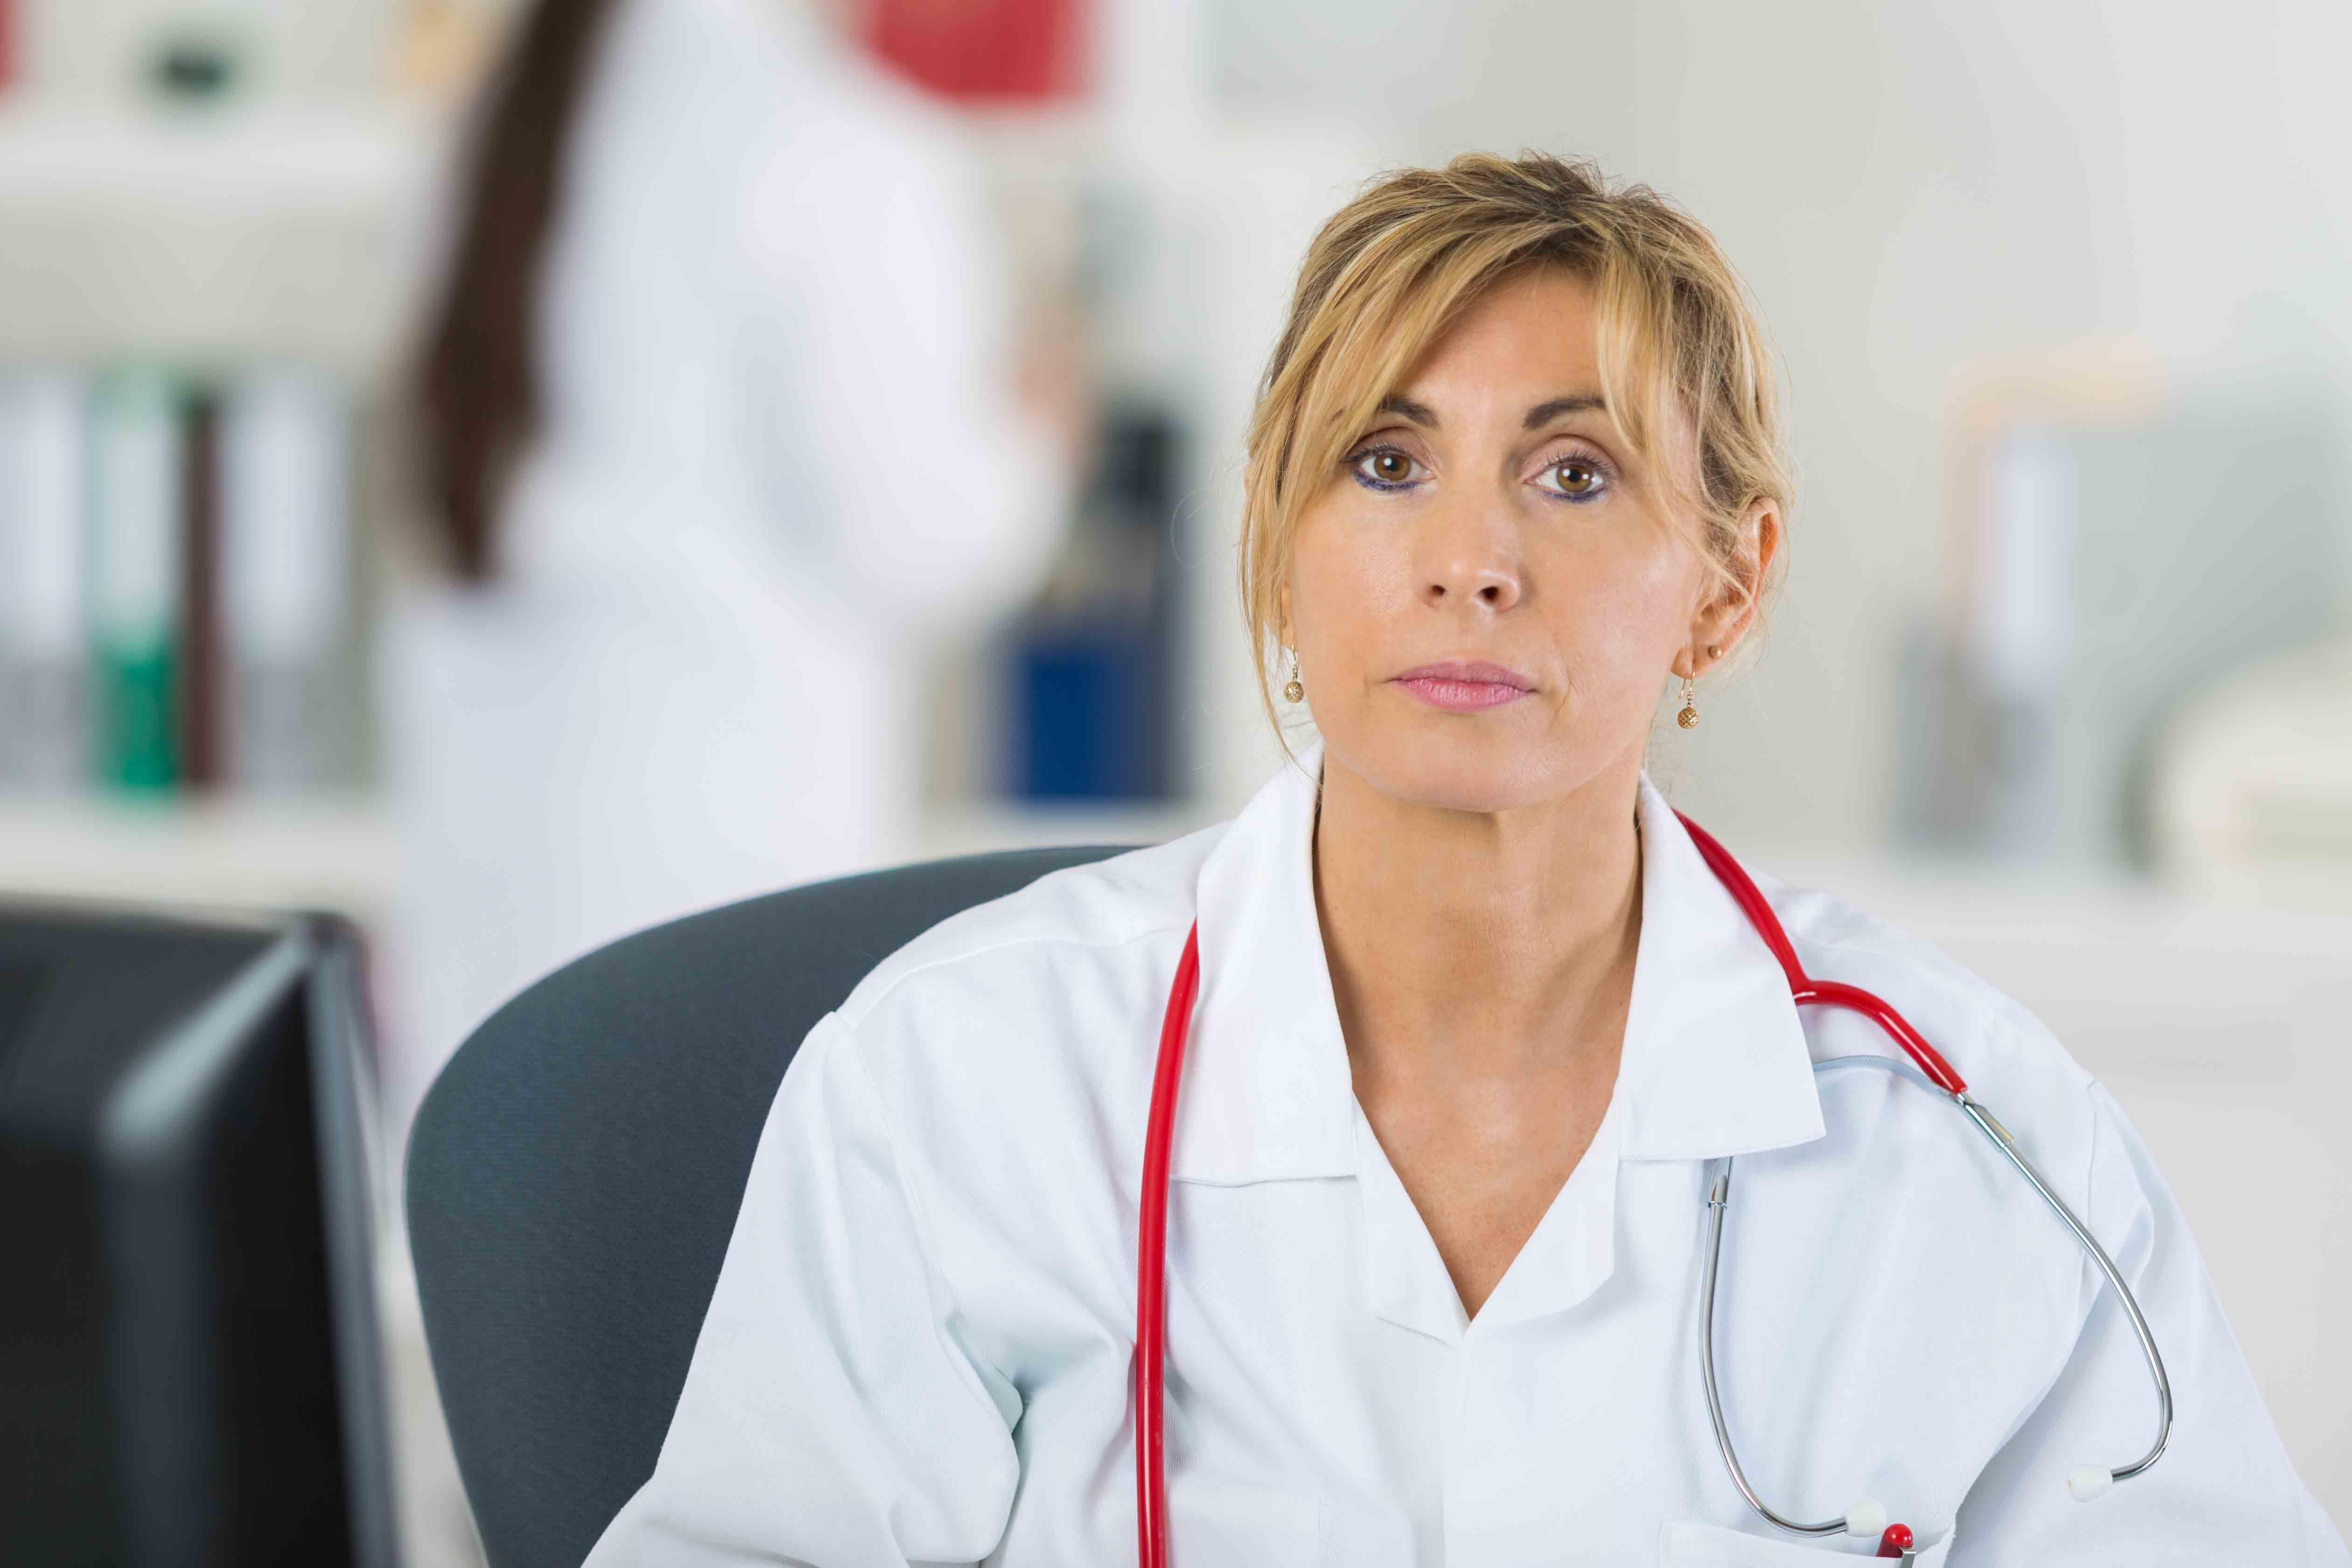 Hier finden Sie Ärzte und Therapeuten für Ihre Gesundheit unter einem Dach